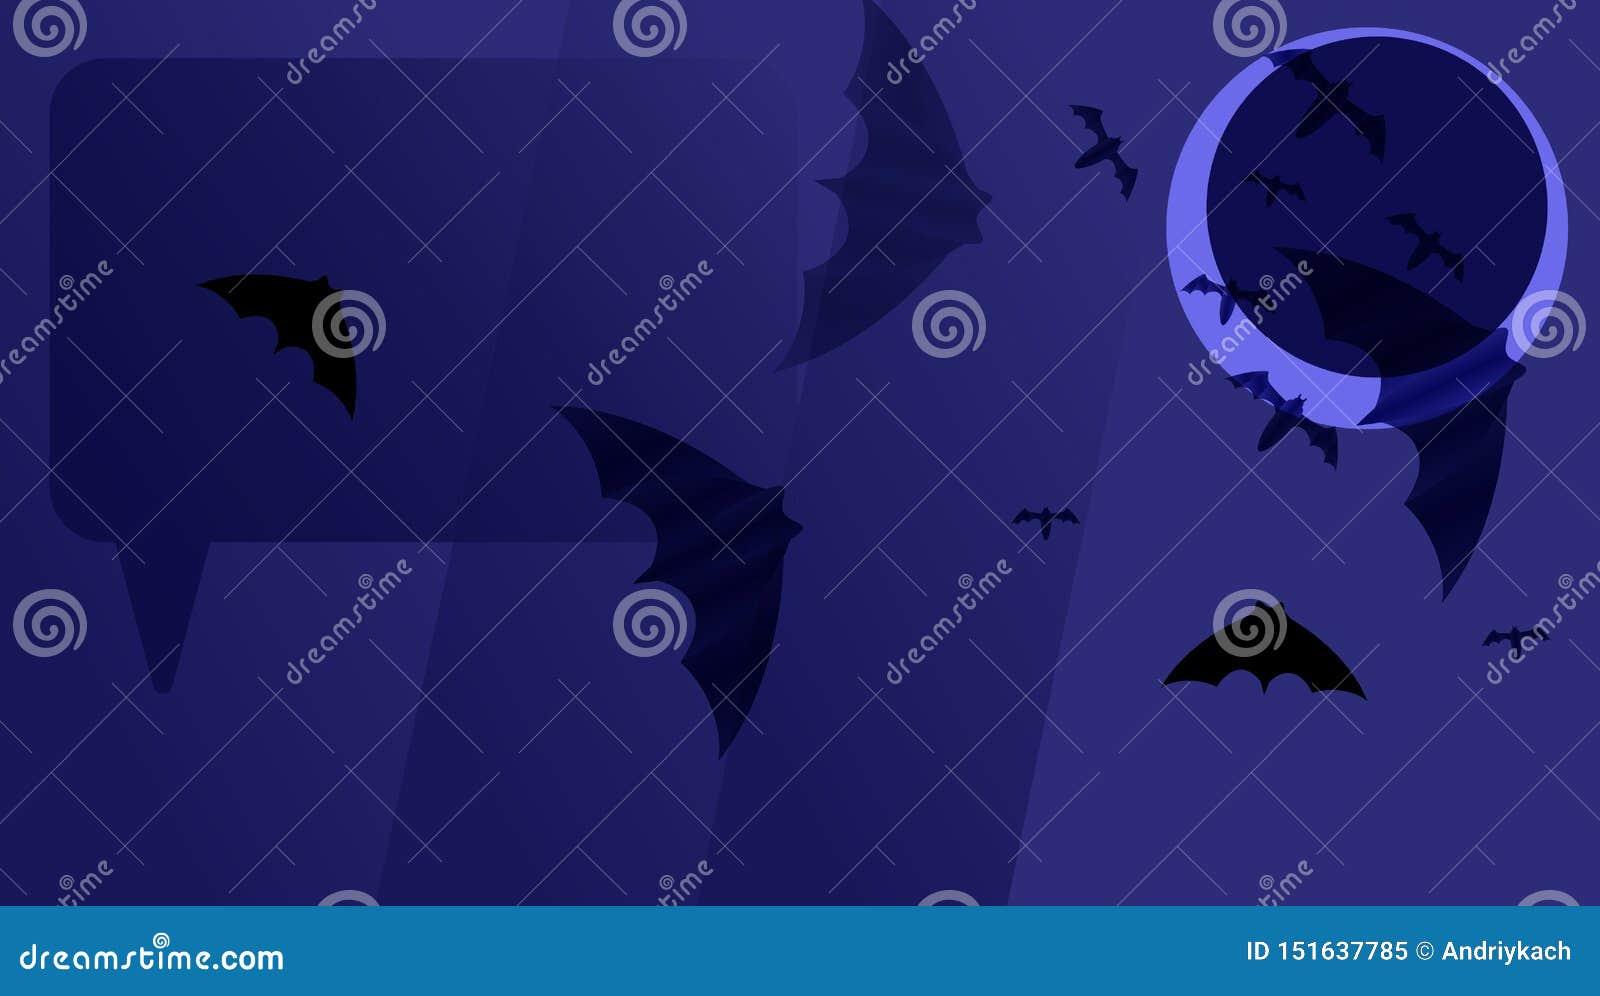 Dunkelblauer Papierhintergrund mit schwarzen Schlägern auf dunklem Mond K?rbiskopf auf dunklem Hintergrund mit Ahornbl?ttern